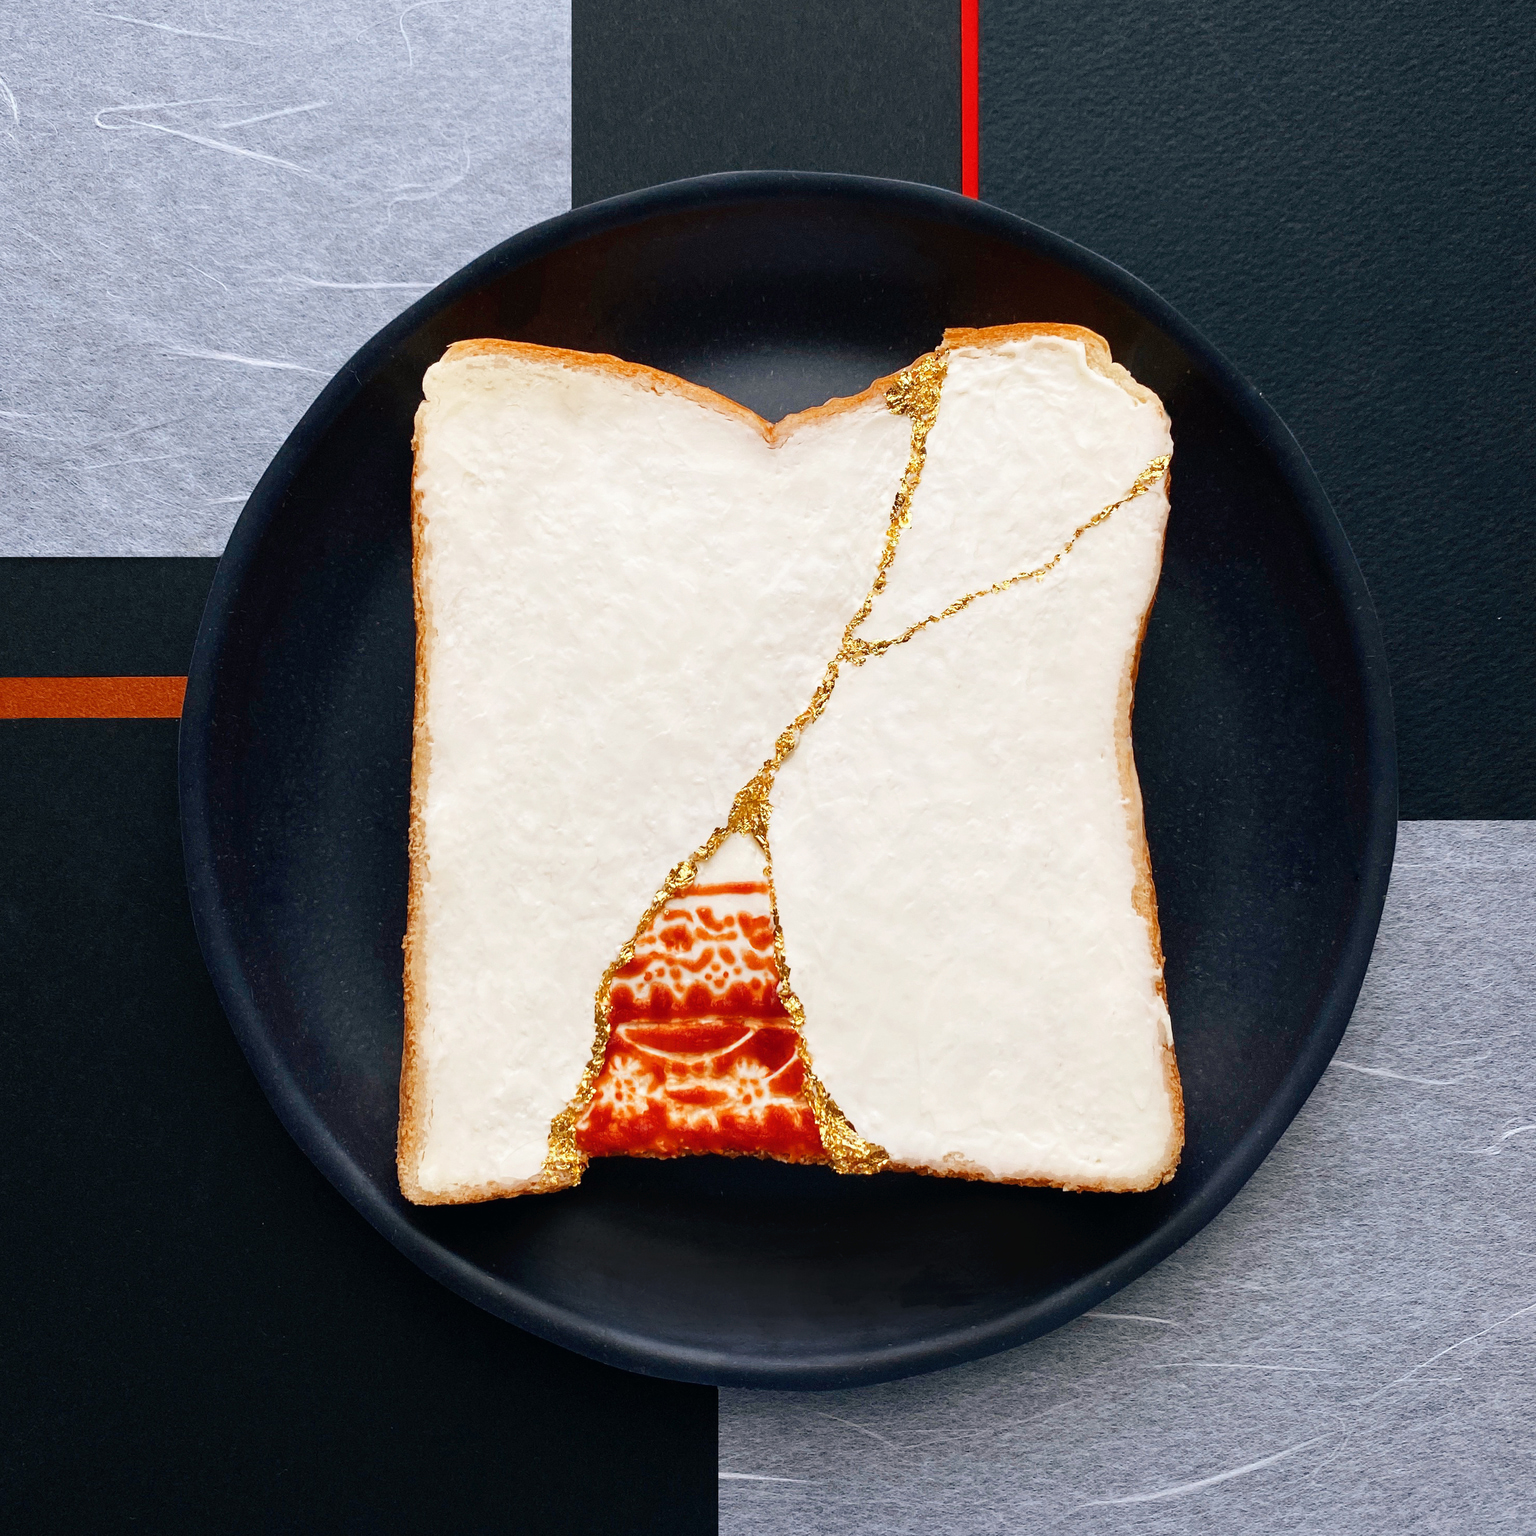 Manami Sasaki toast art kintsugi